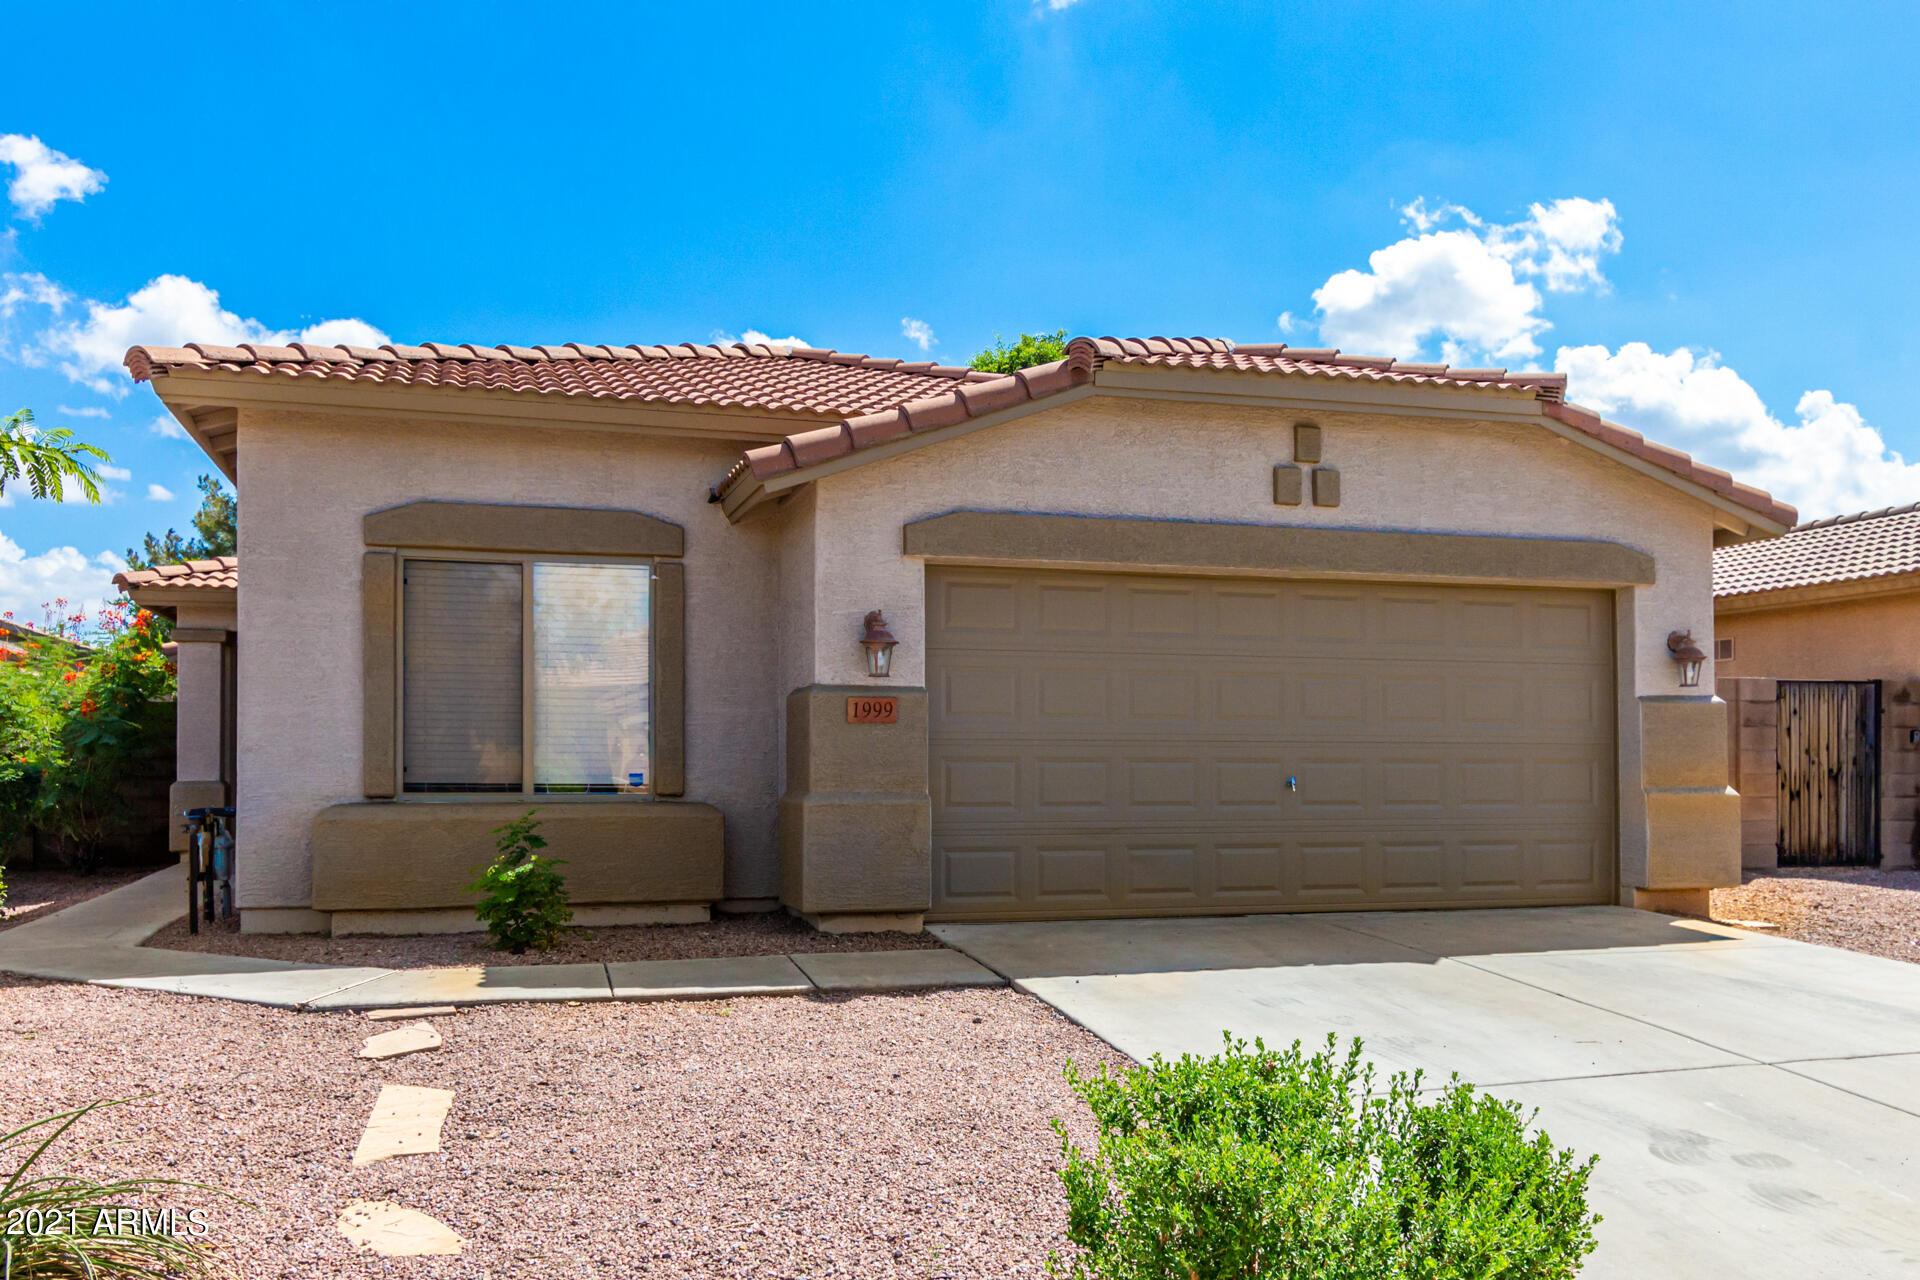 1999 ALLENS PEAK Drive, Queen Creek, Arizona 85142, 3 Bedrooms Bedrooms, ,2 BathroomsBathrooms,Residential,For Sale,ALLENS PEAK,6289294